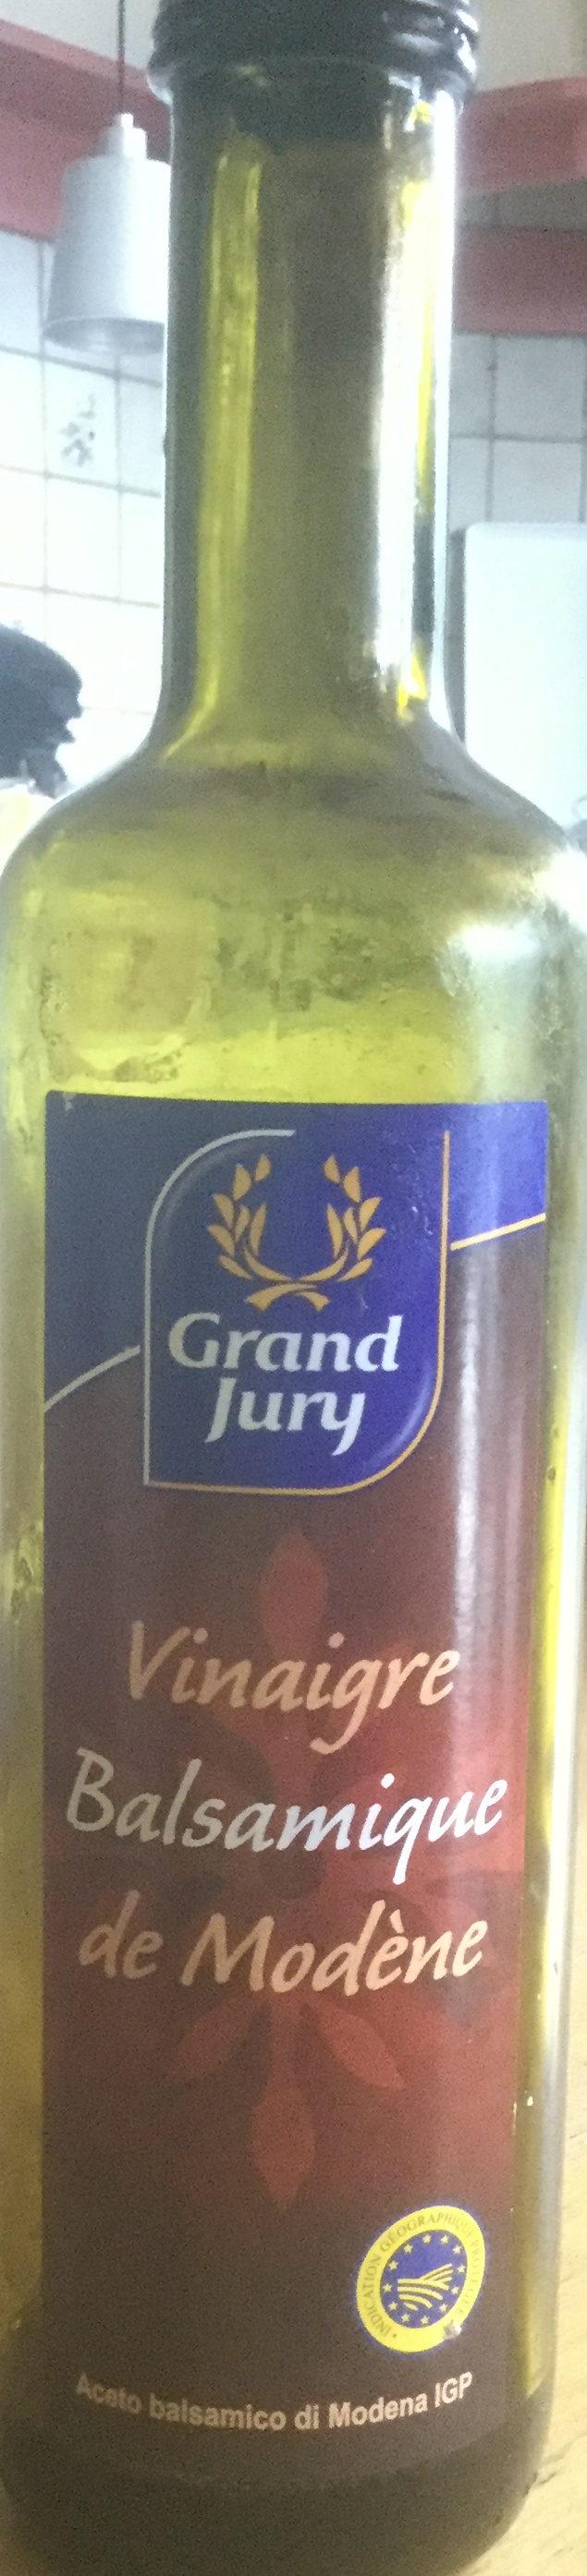 50CL Vinaigre Balsamique Grand Jury - Product